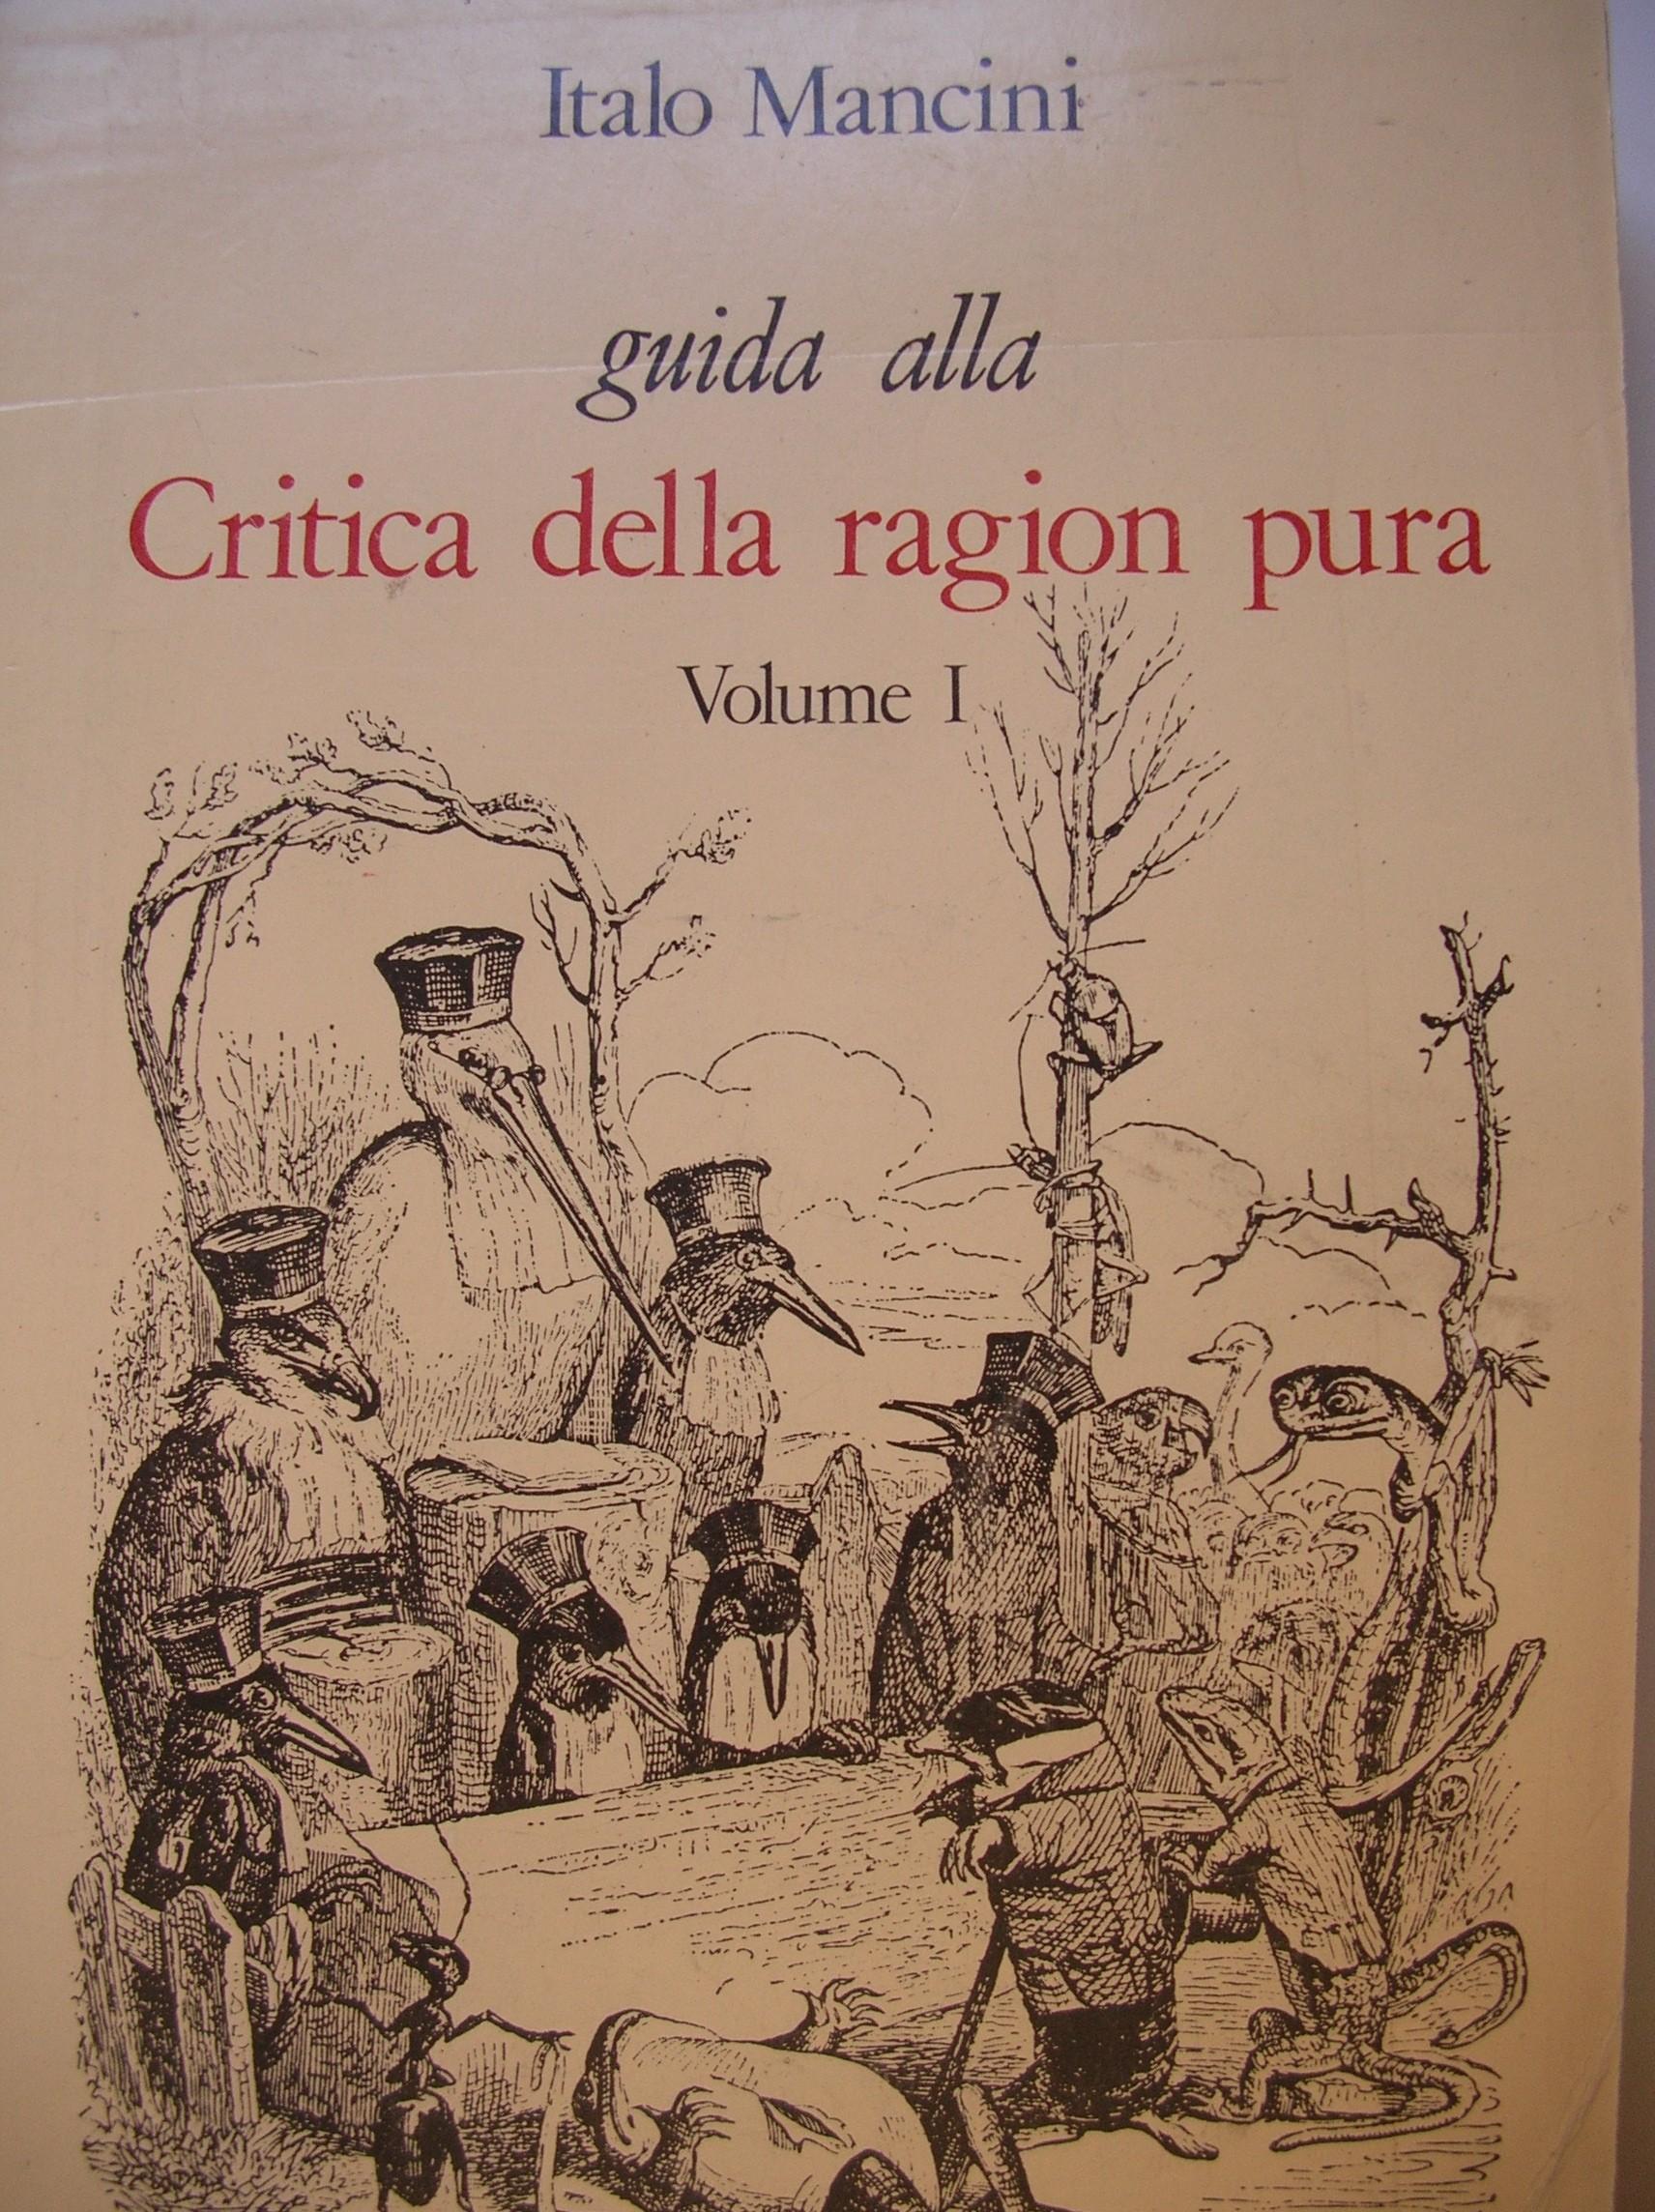 Guida alla Critica della ragion pura - Vol. II